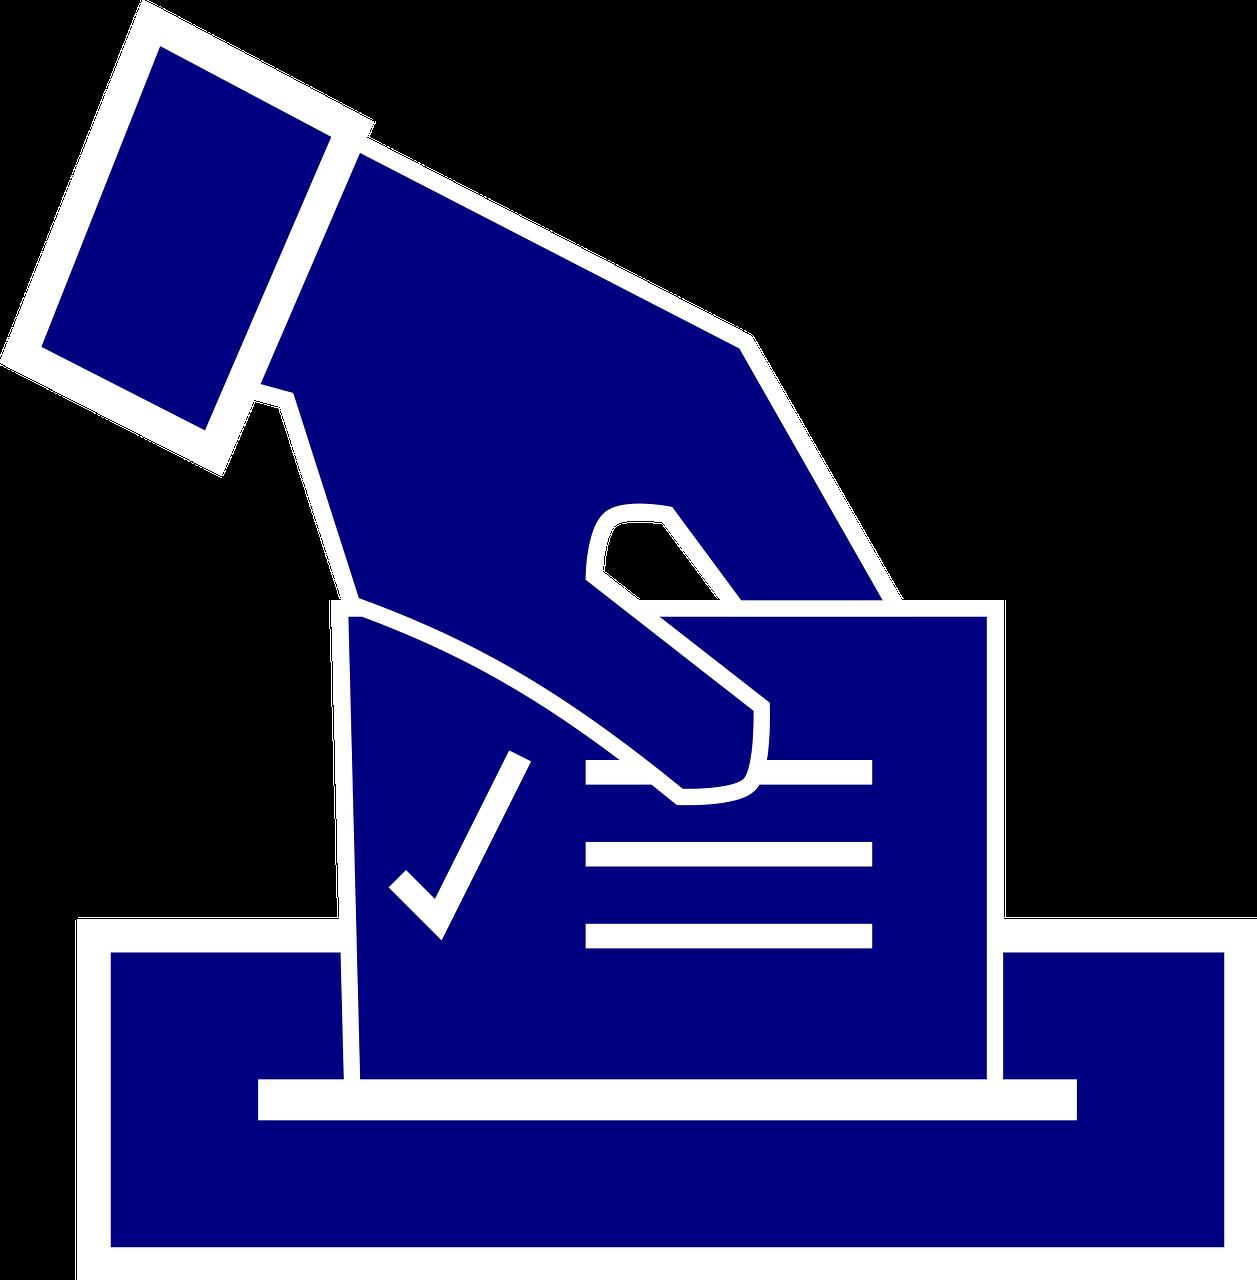 Искане за налагане на вето на ЗИД на Изборния кодекс